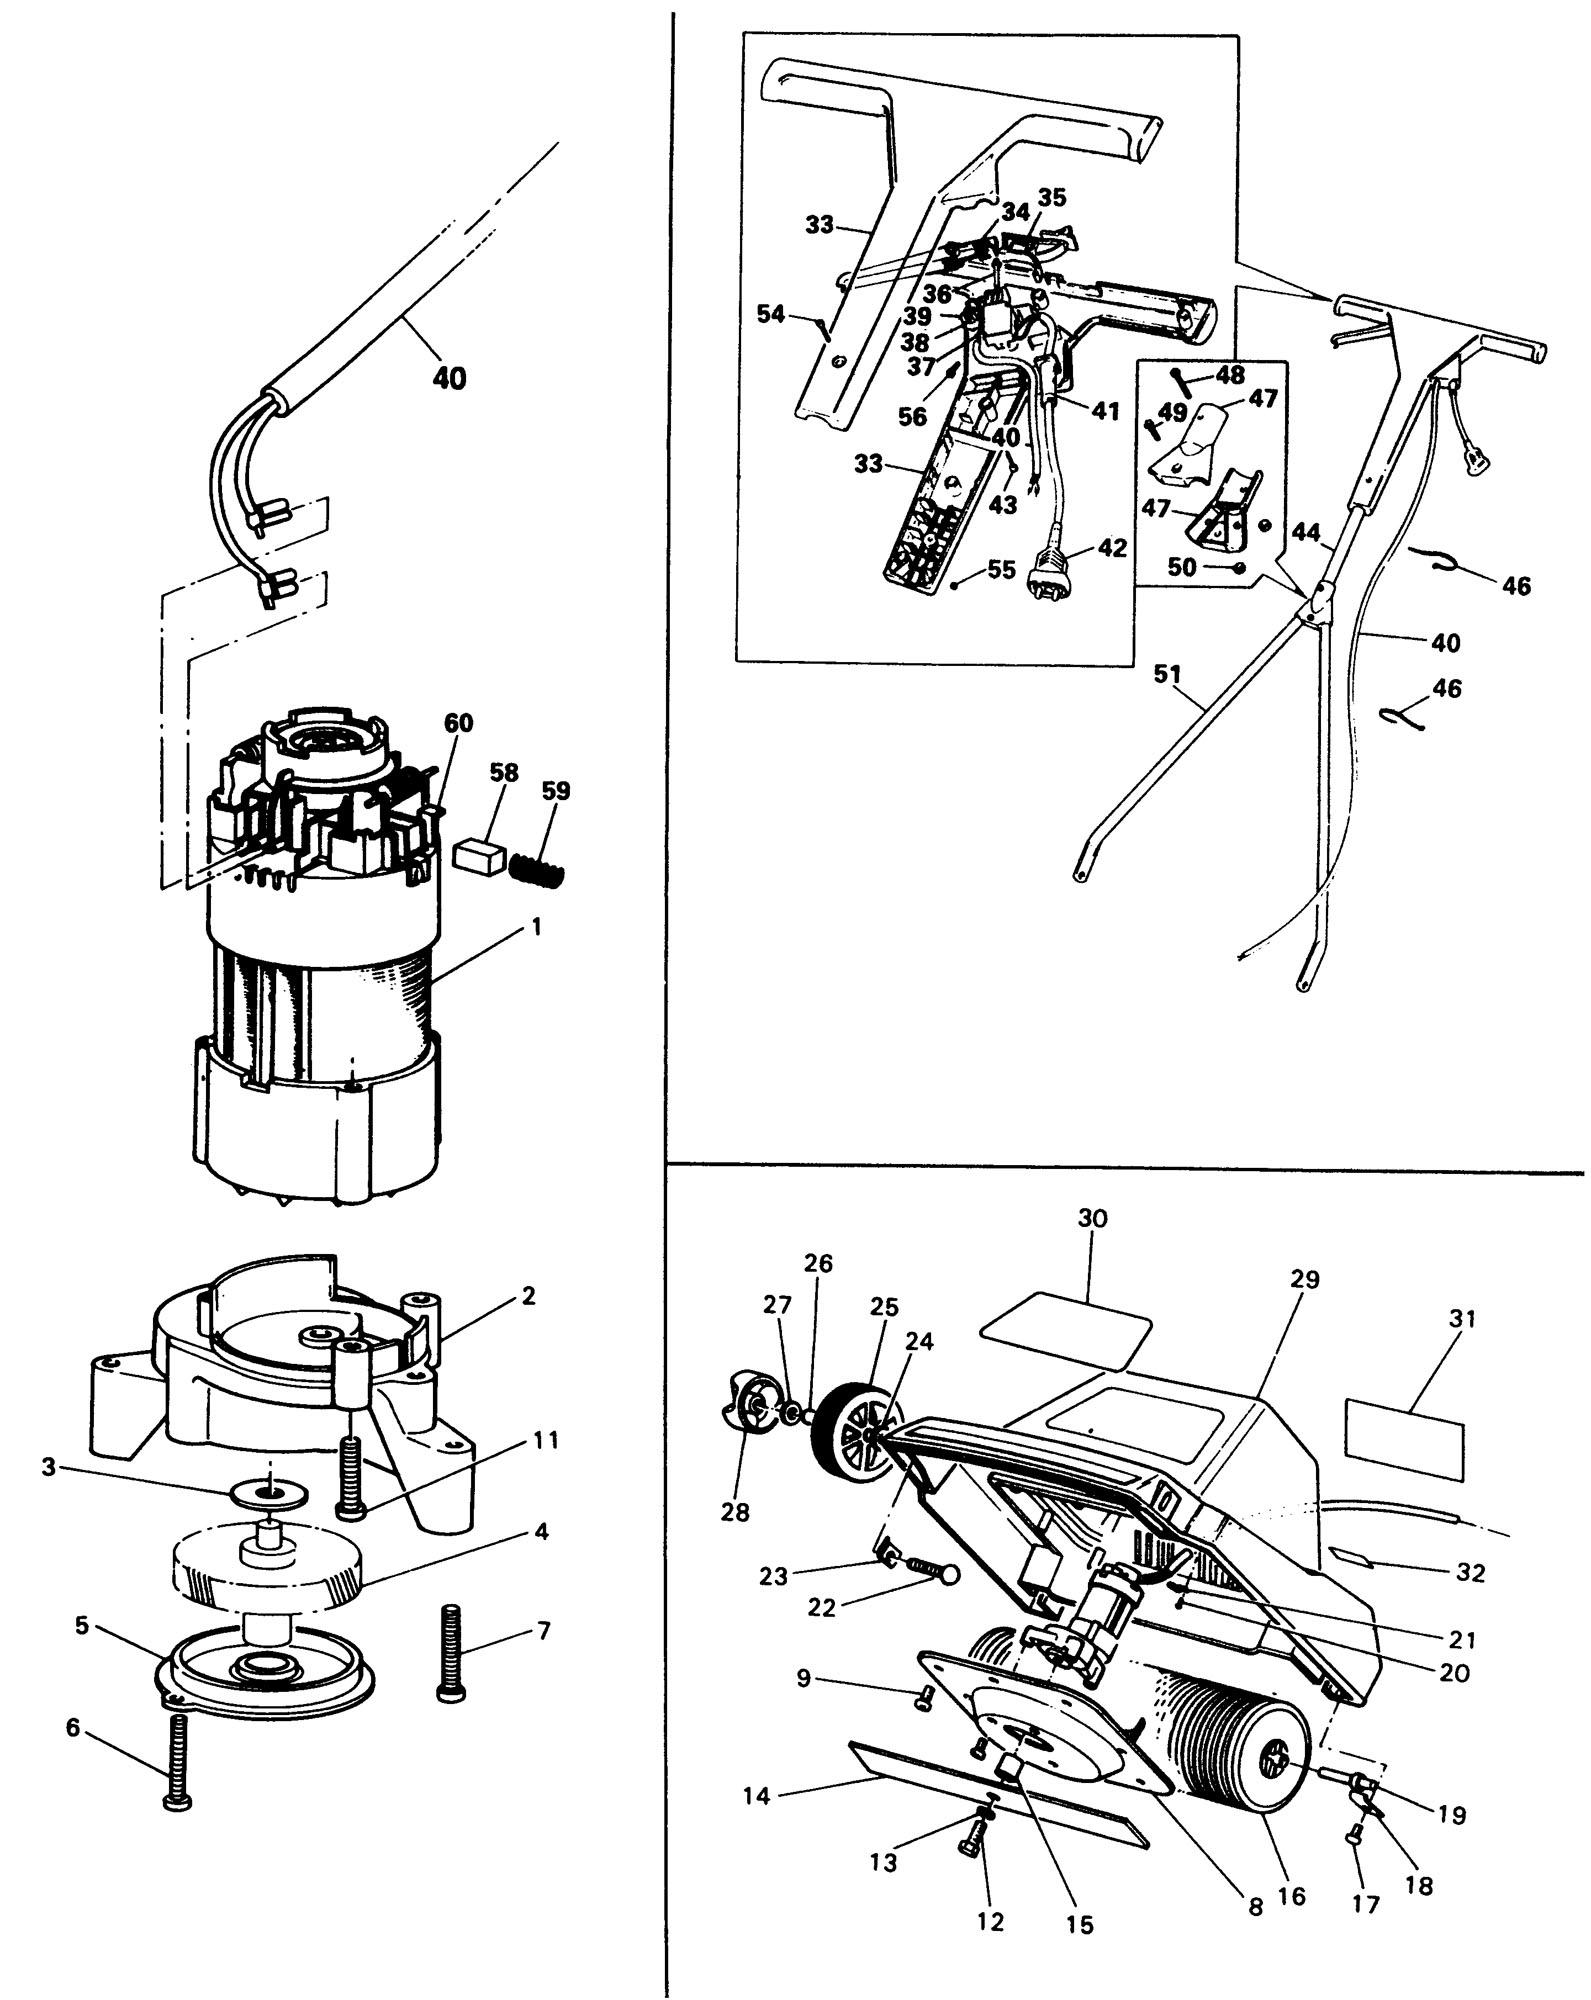 Spares for Black & Decker R1e Rotary Mower (type 1) SPARE